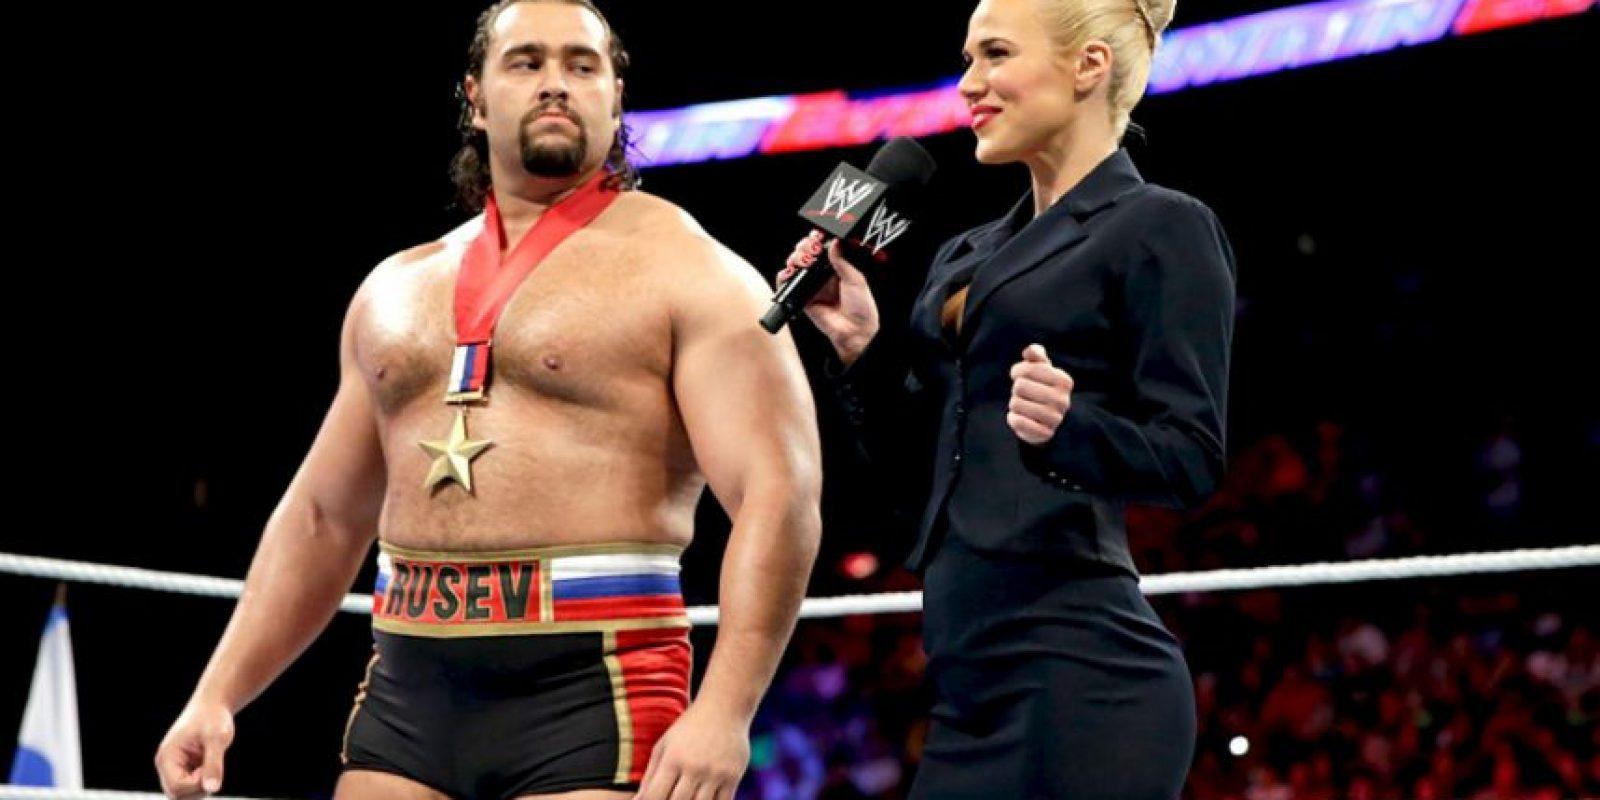 Las mejores imágenes de Lana y Rusev